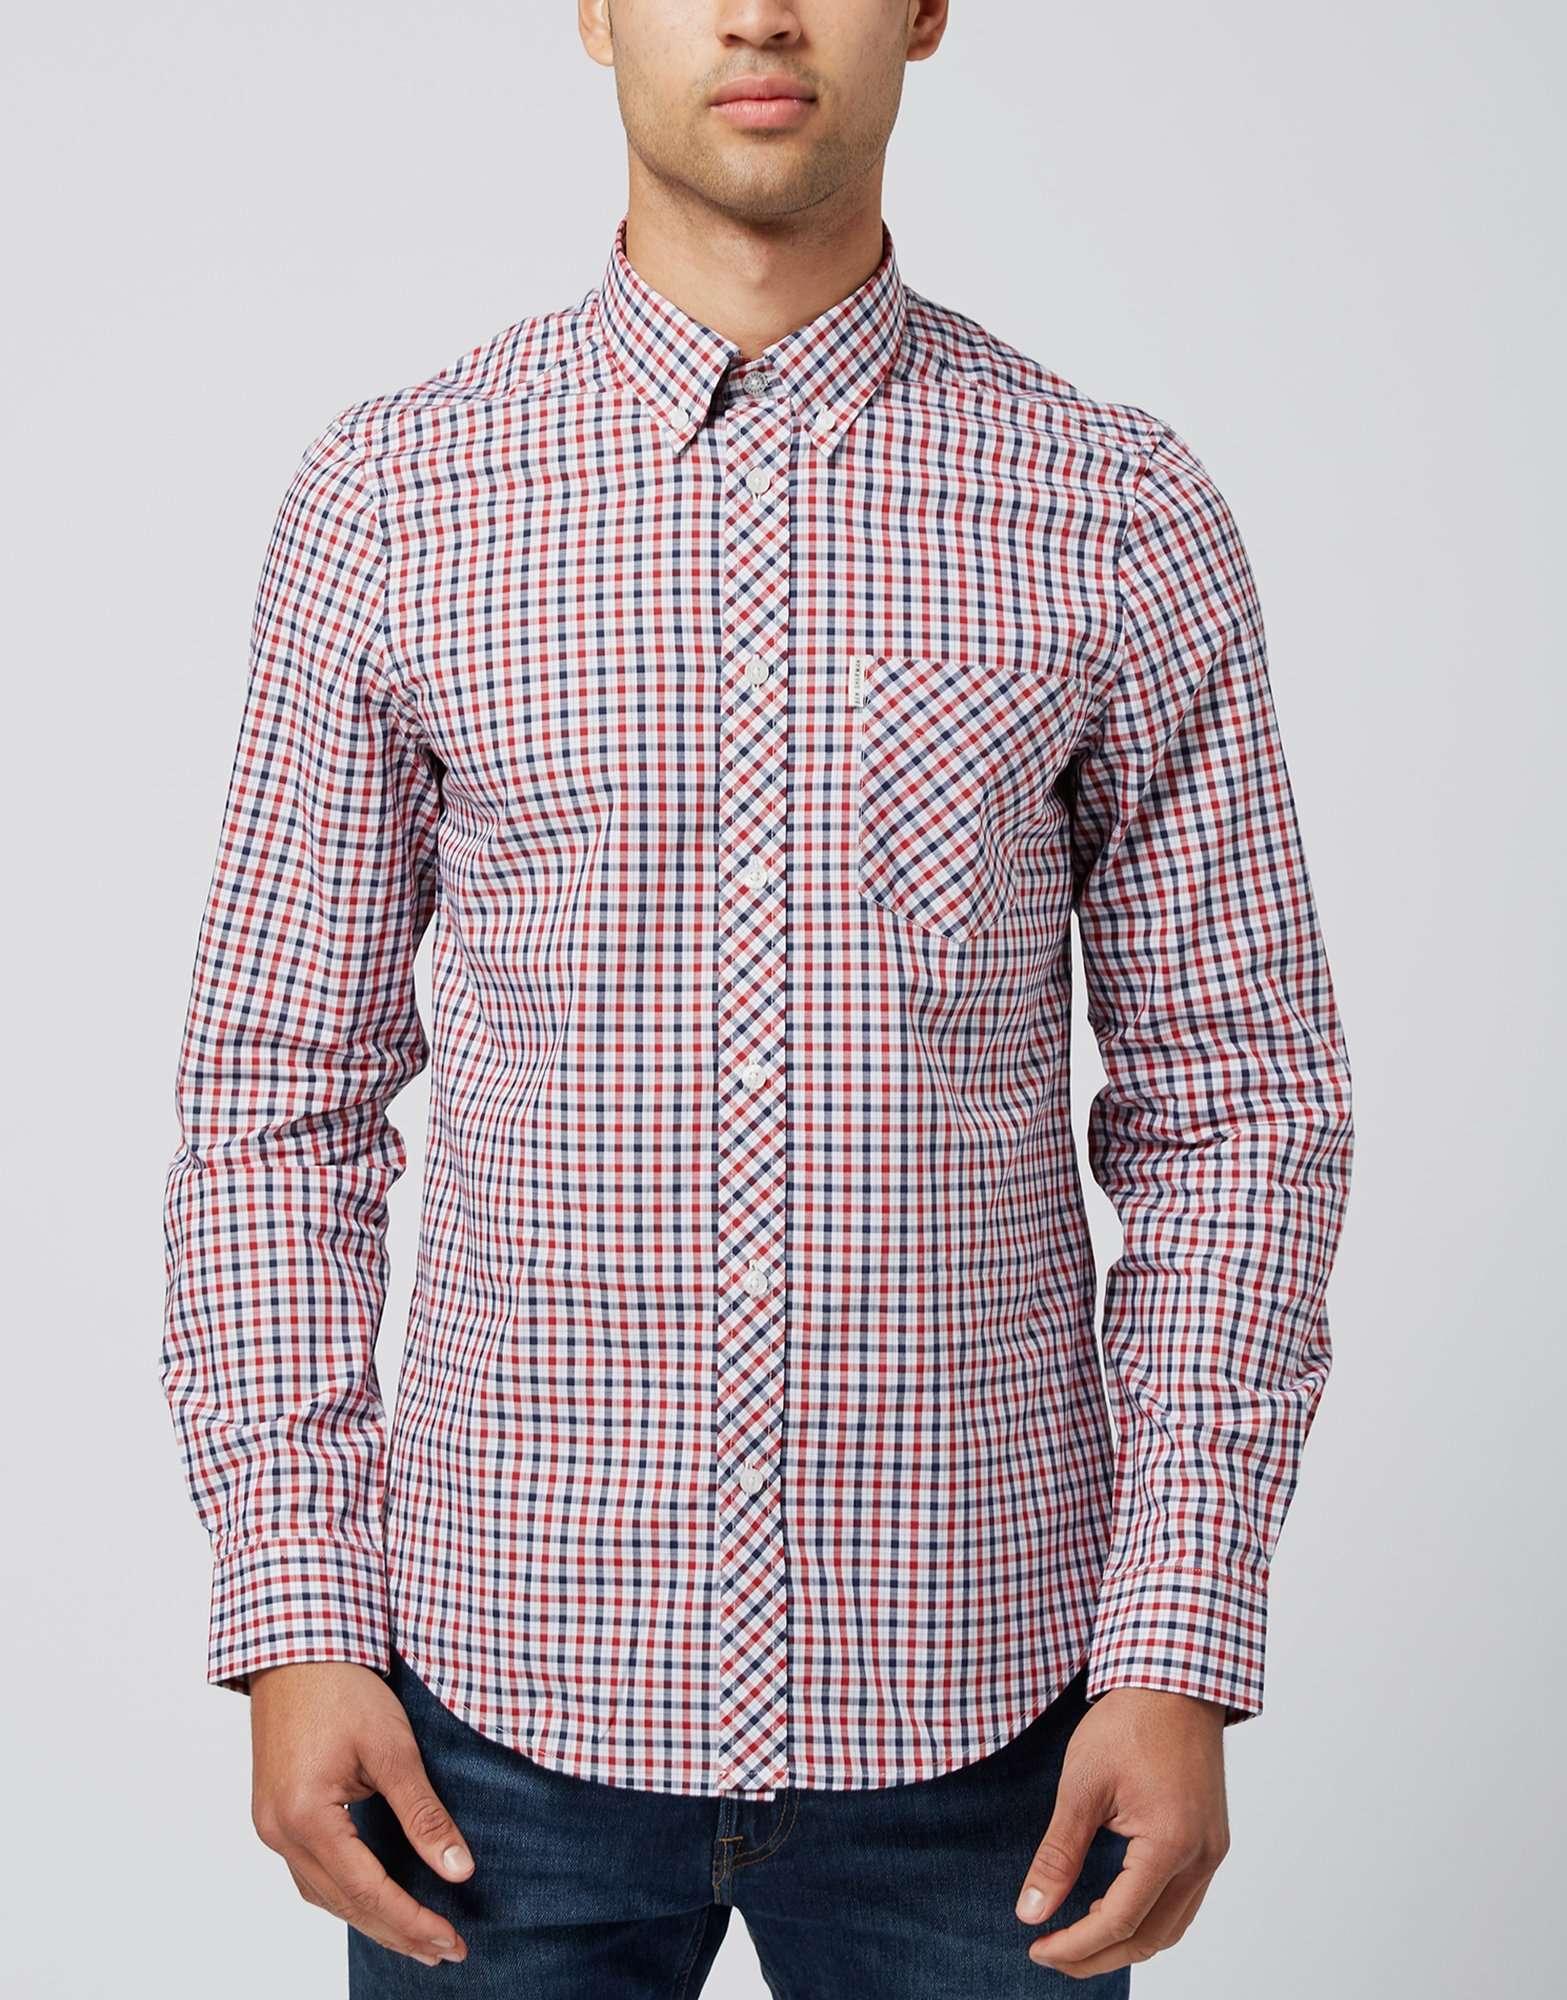 Ben sherman shirts size guide | anlis.